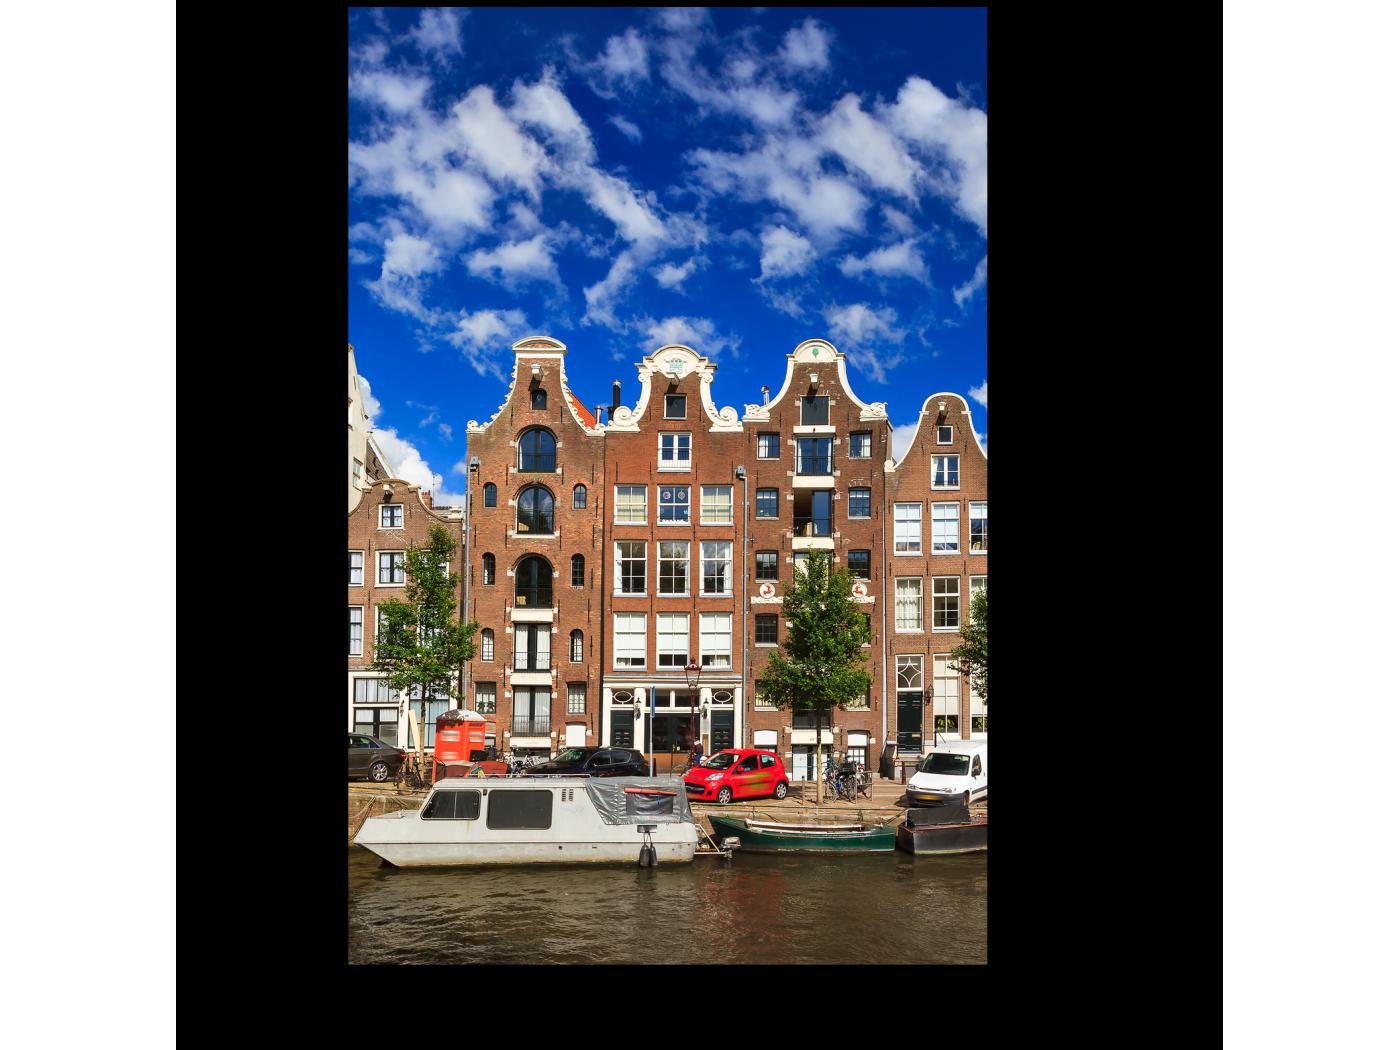 Модульная картина Отличный день для прогулки по каналам Амстердама (20x30) фото